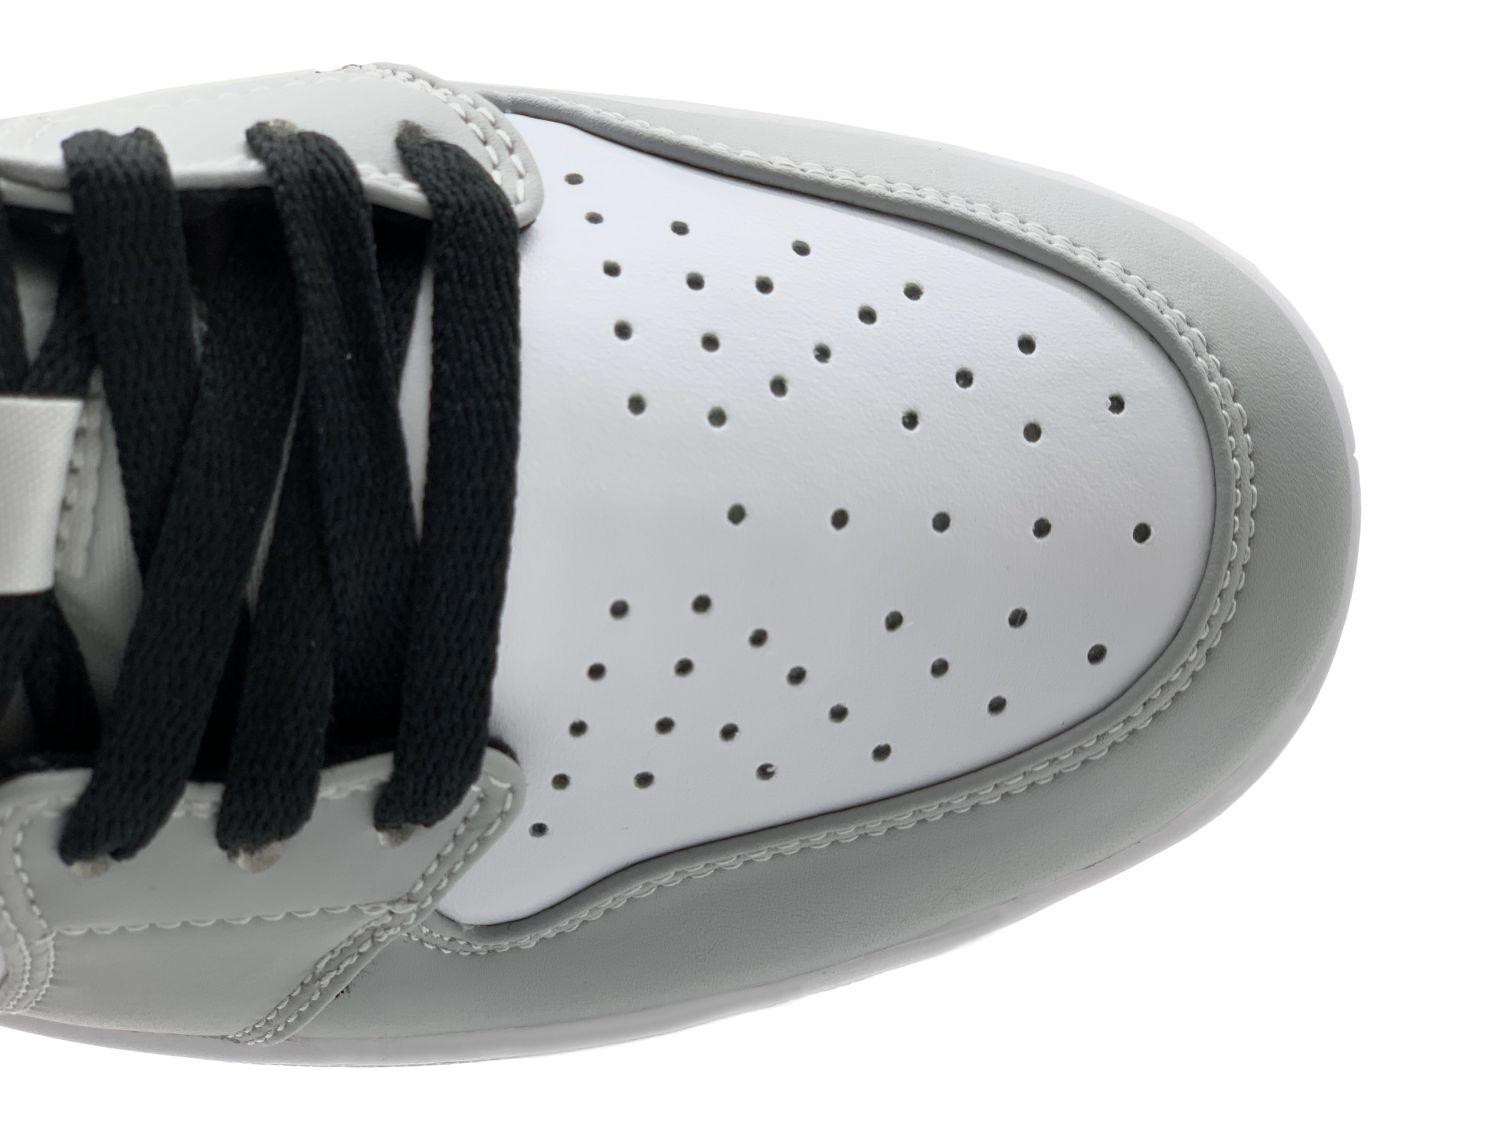 toebox lỗ thoát khí mũi giày air jordan 1 mid light smokey grey rep 1:1